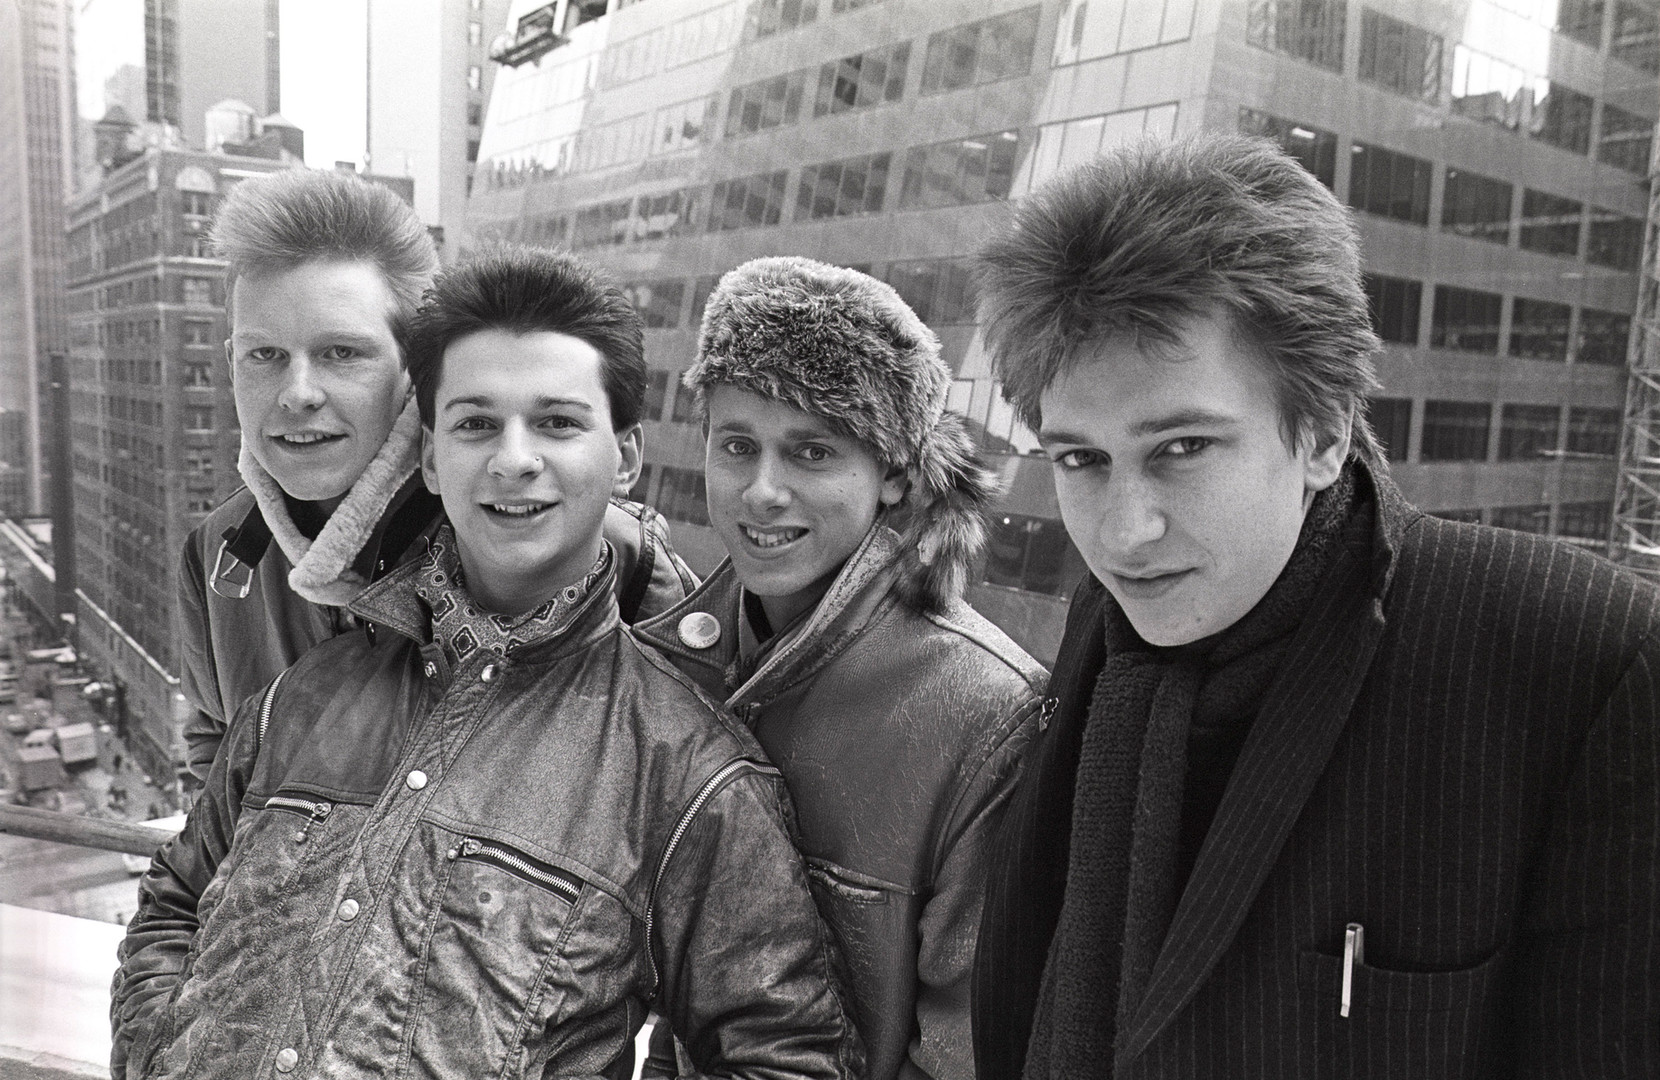 Depeche_Mode_2.jpg